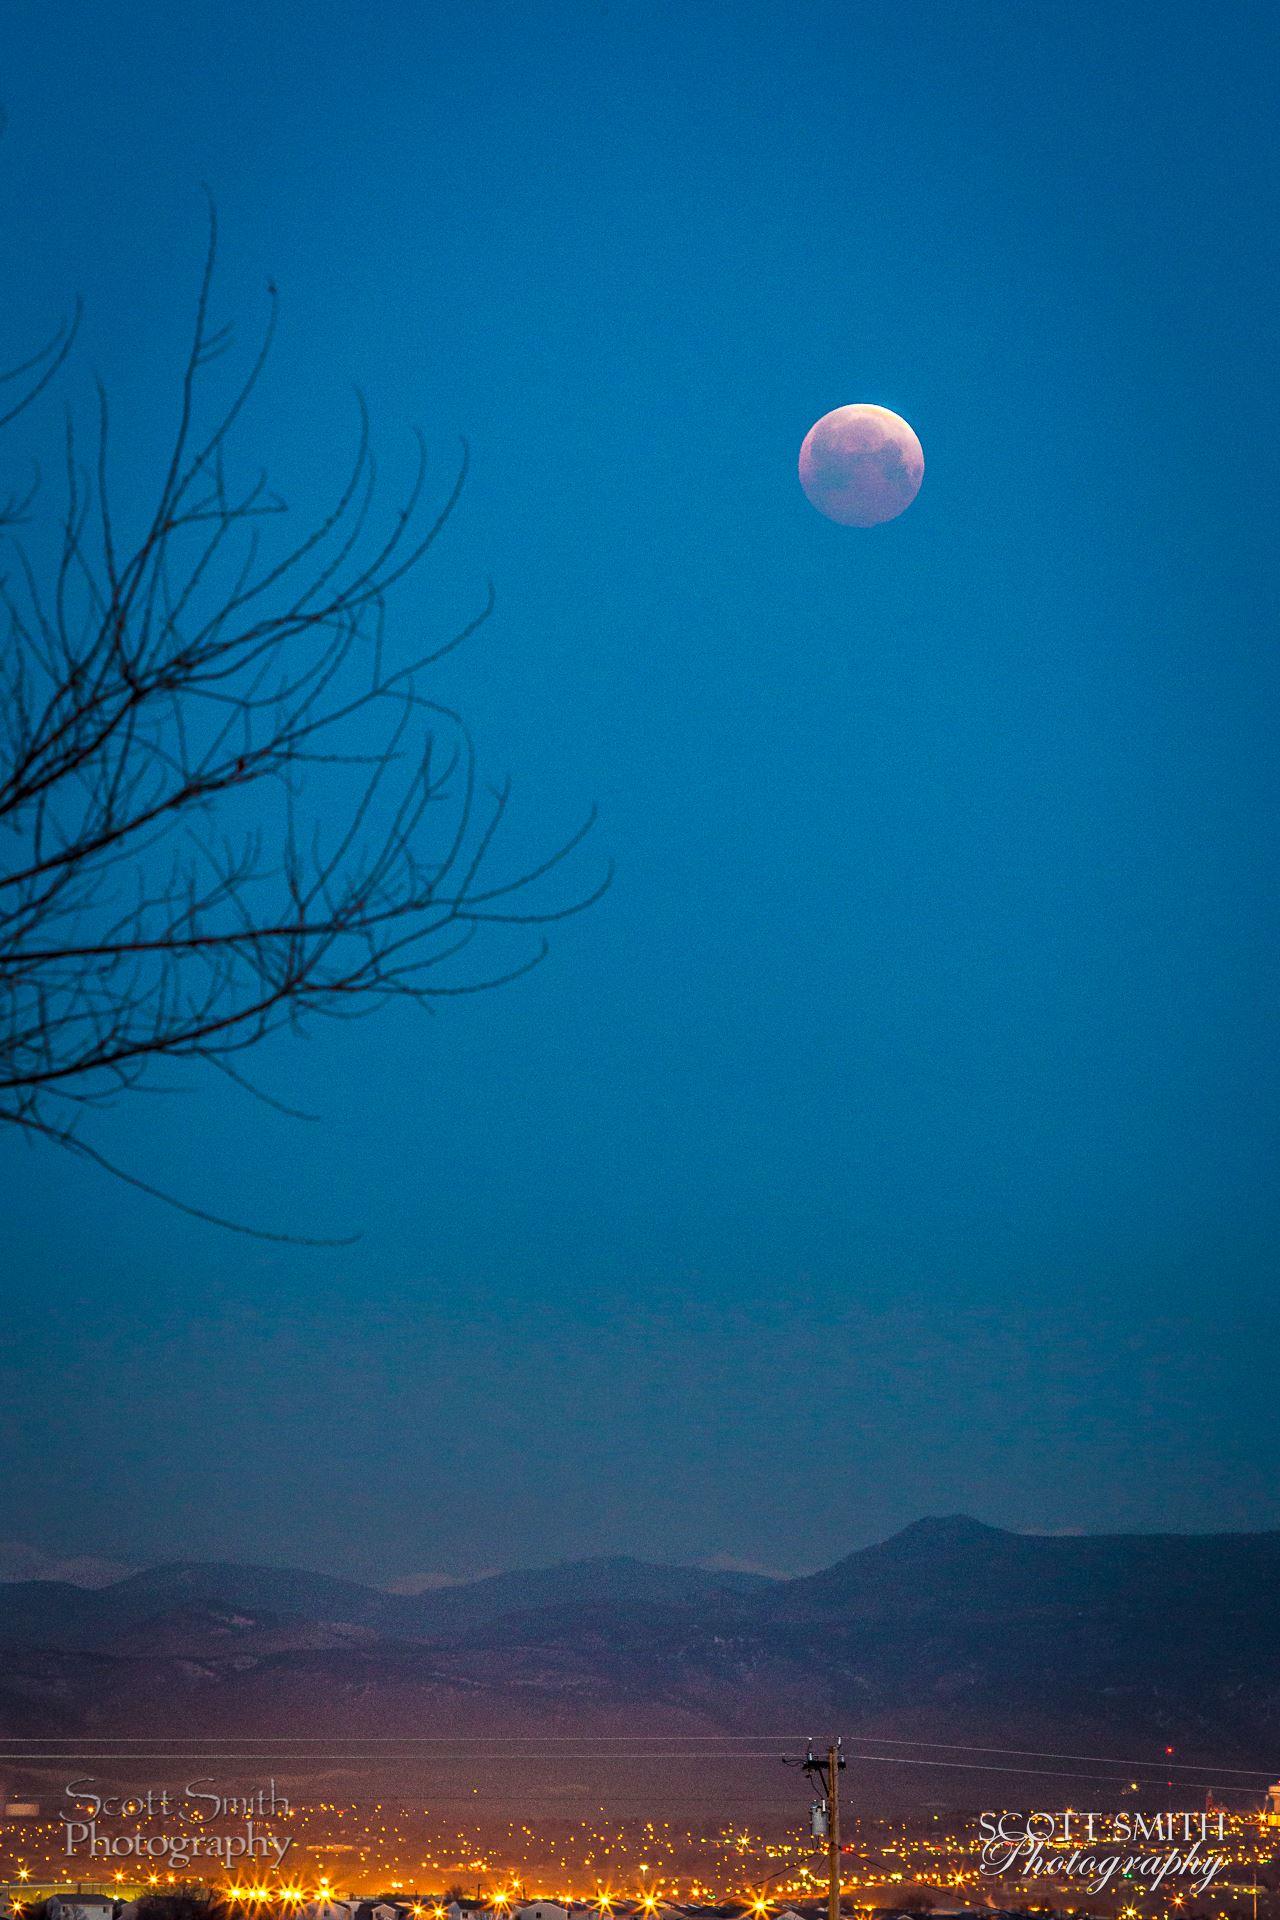 Lunar Eclipse, April 4 2015 8 - Lunar Eclipse ad blood moon, April 4 2015 from Denver, Colorado. by D Scott Smith